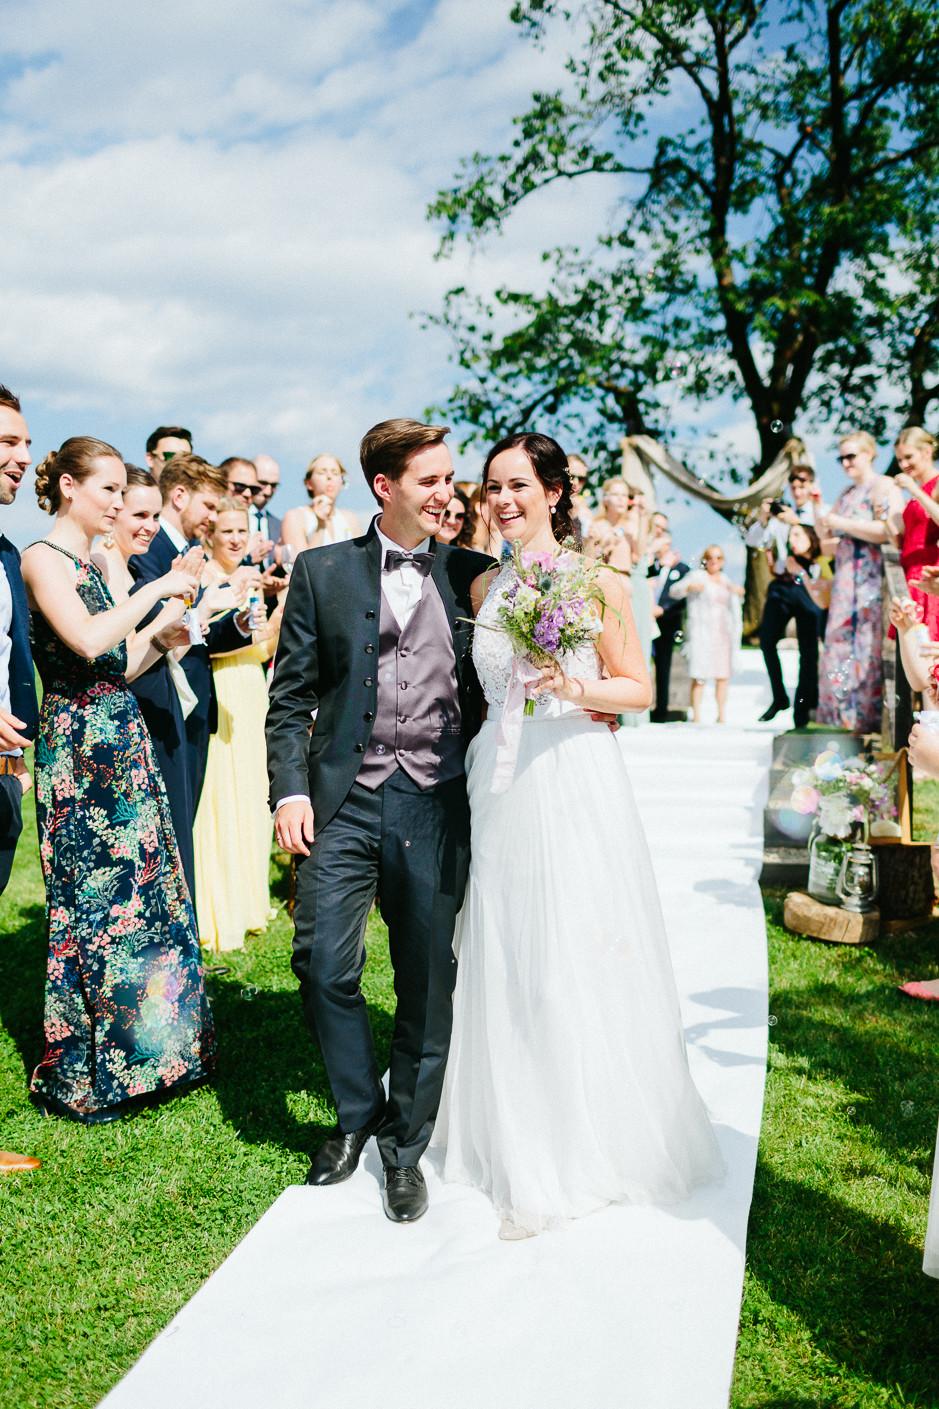 Inga+Michael - IM-Hochzeit-Weingut-Holler-072.jpg